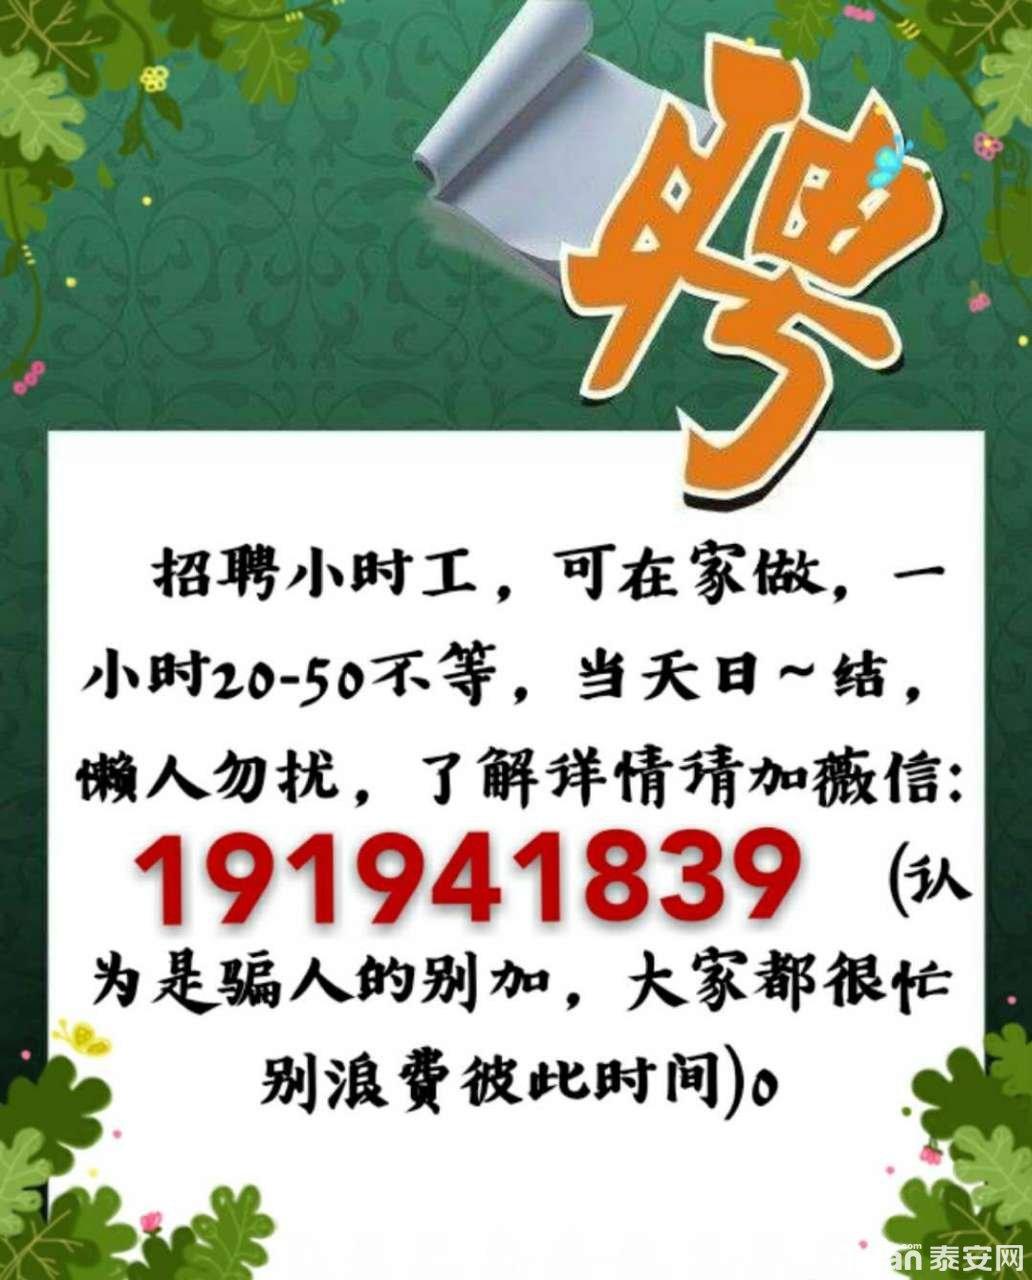 20180803_840296_1533280492471.jpg